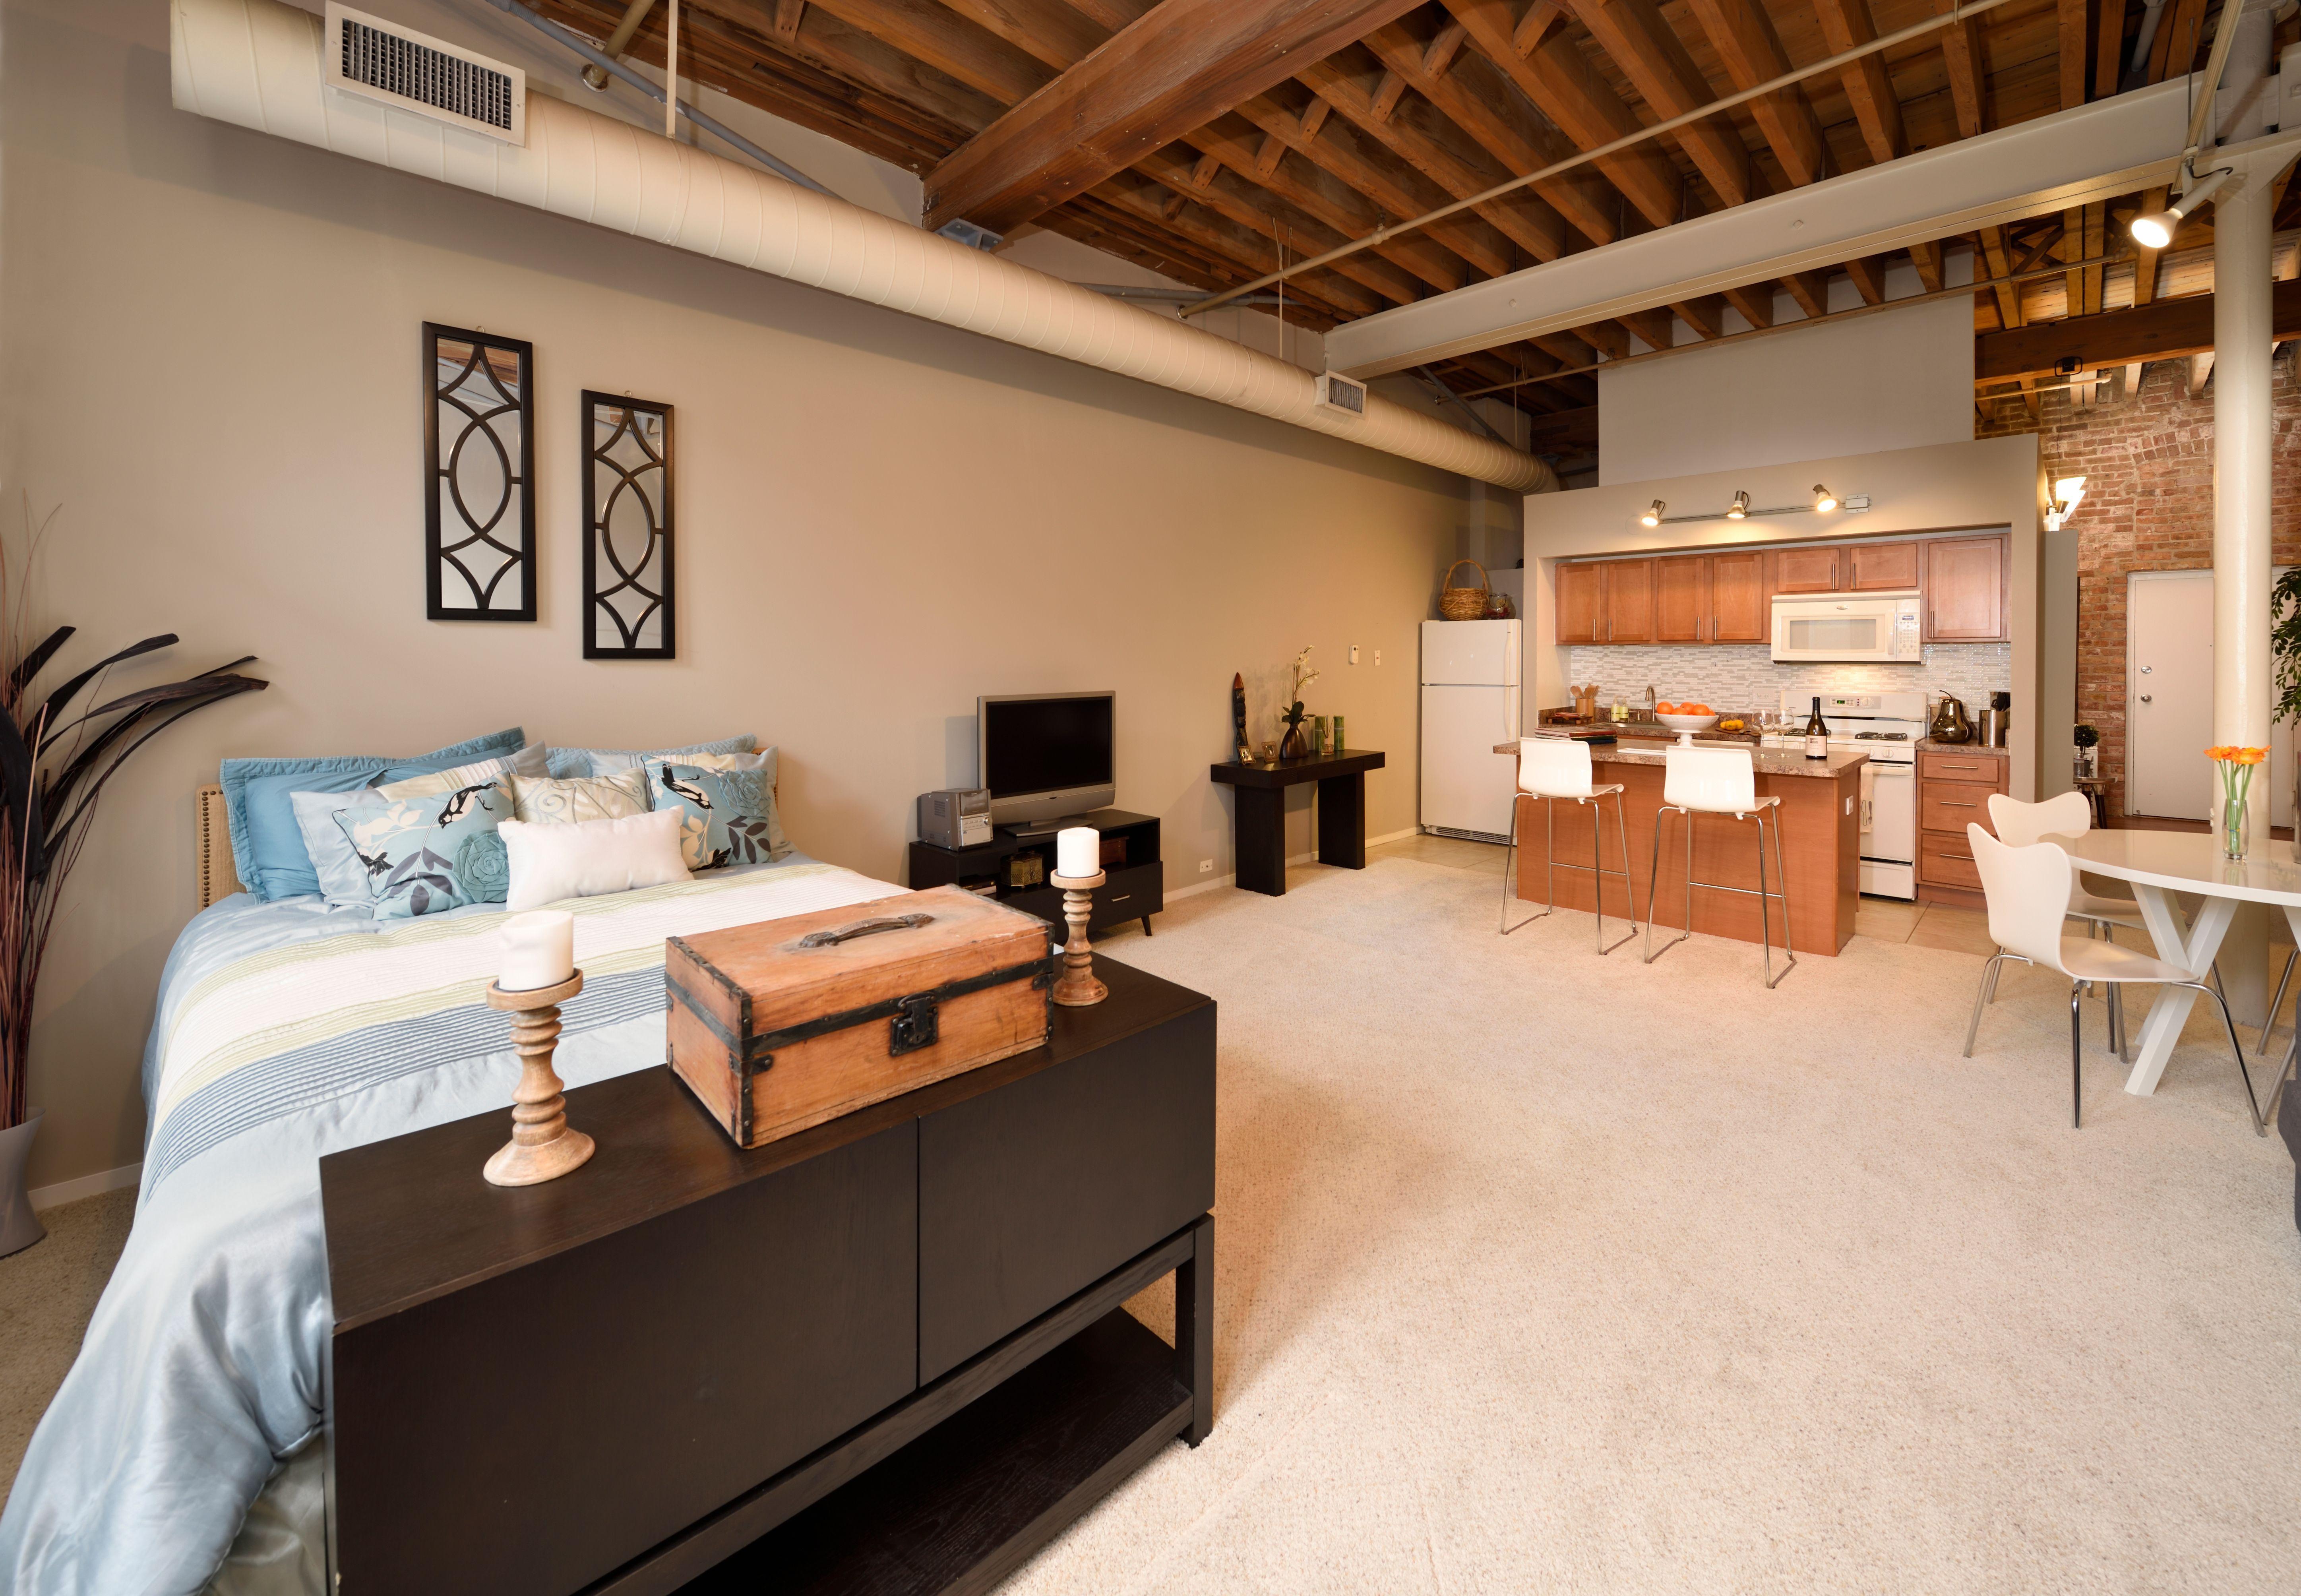 Cobbler Square Loft Apartments For Rent Chicago Loft Apartment Lofts For Rent Apartments For Rent